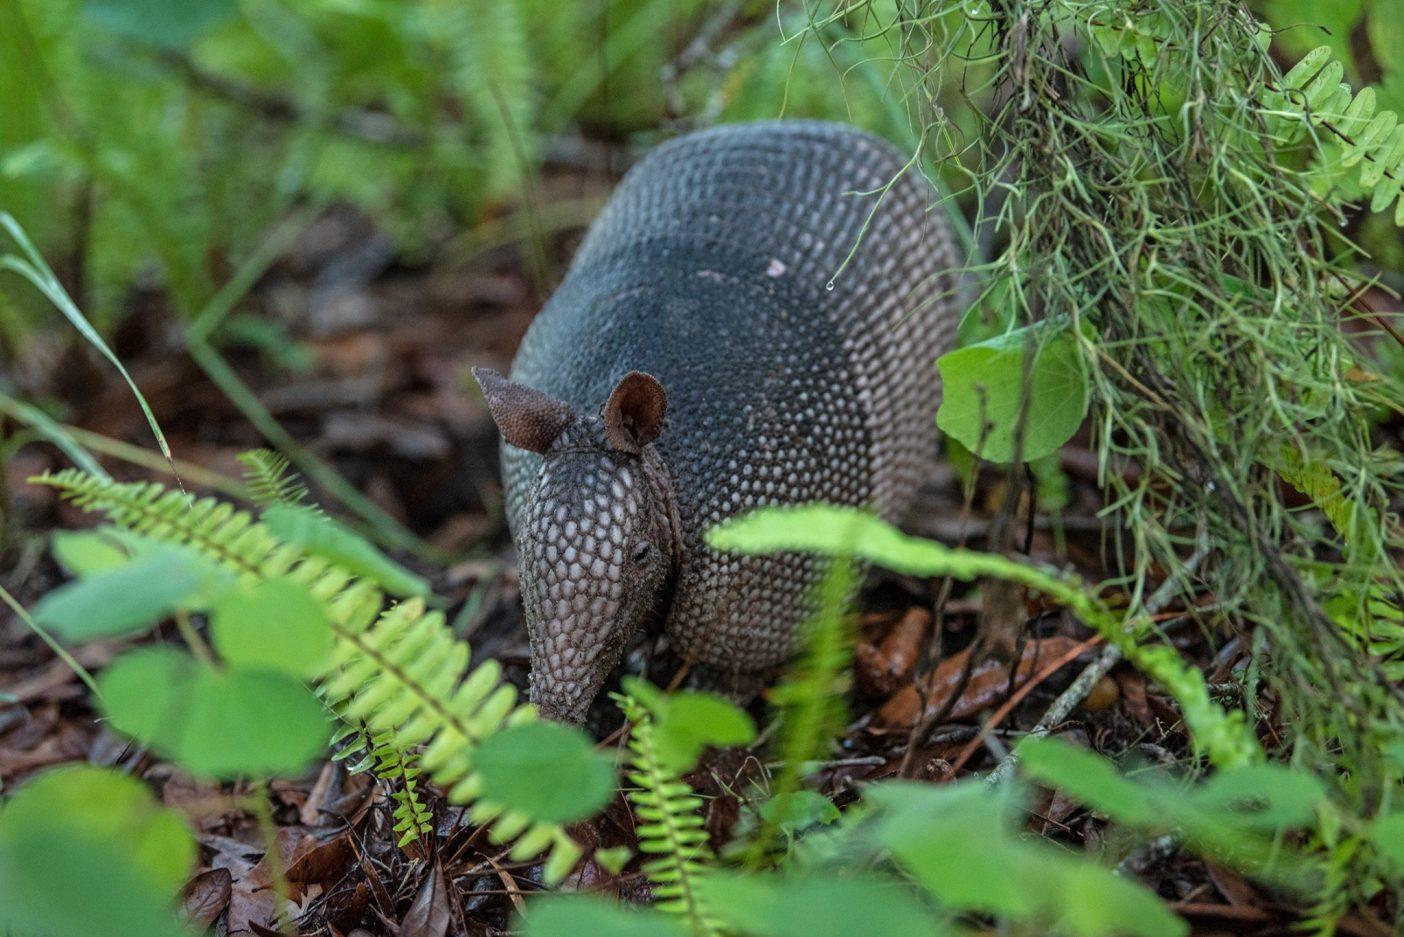 バーム・ボイエットに生息する最も愛らしい動物の一種、ココノオビアルマジロ。ハンセン病を媒介する(人間以外の)動物としても知られている。Photo : Nathalie DuPré